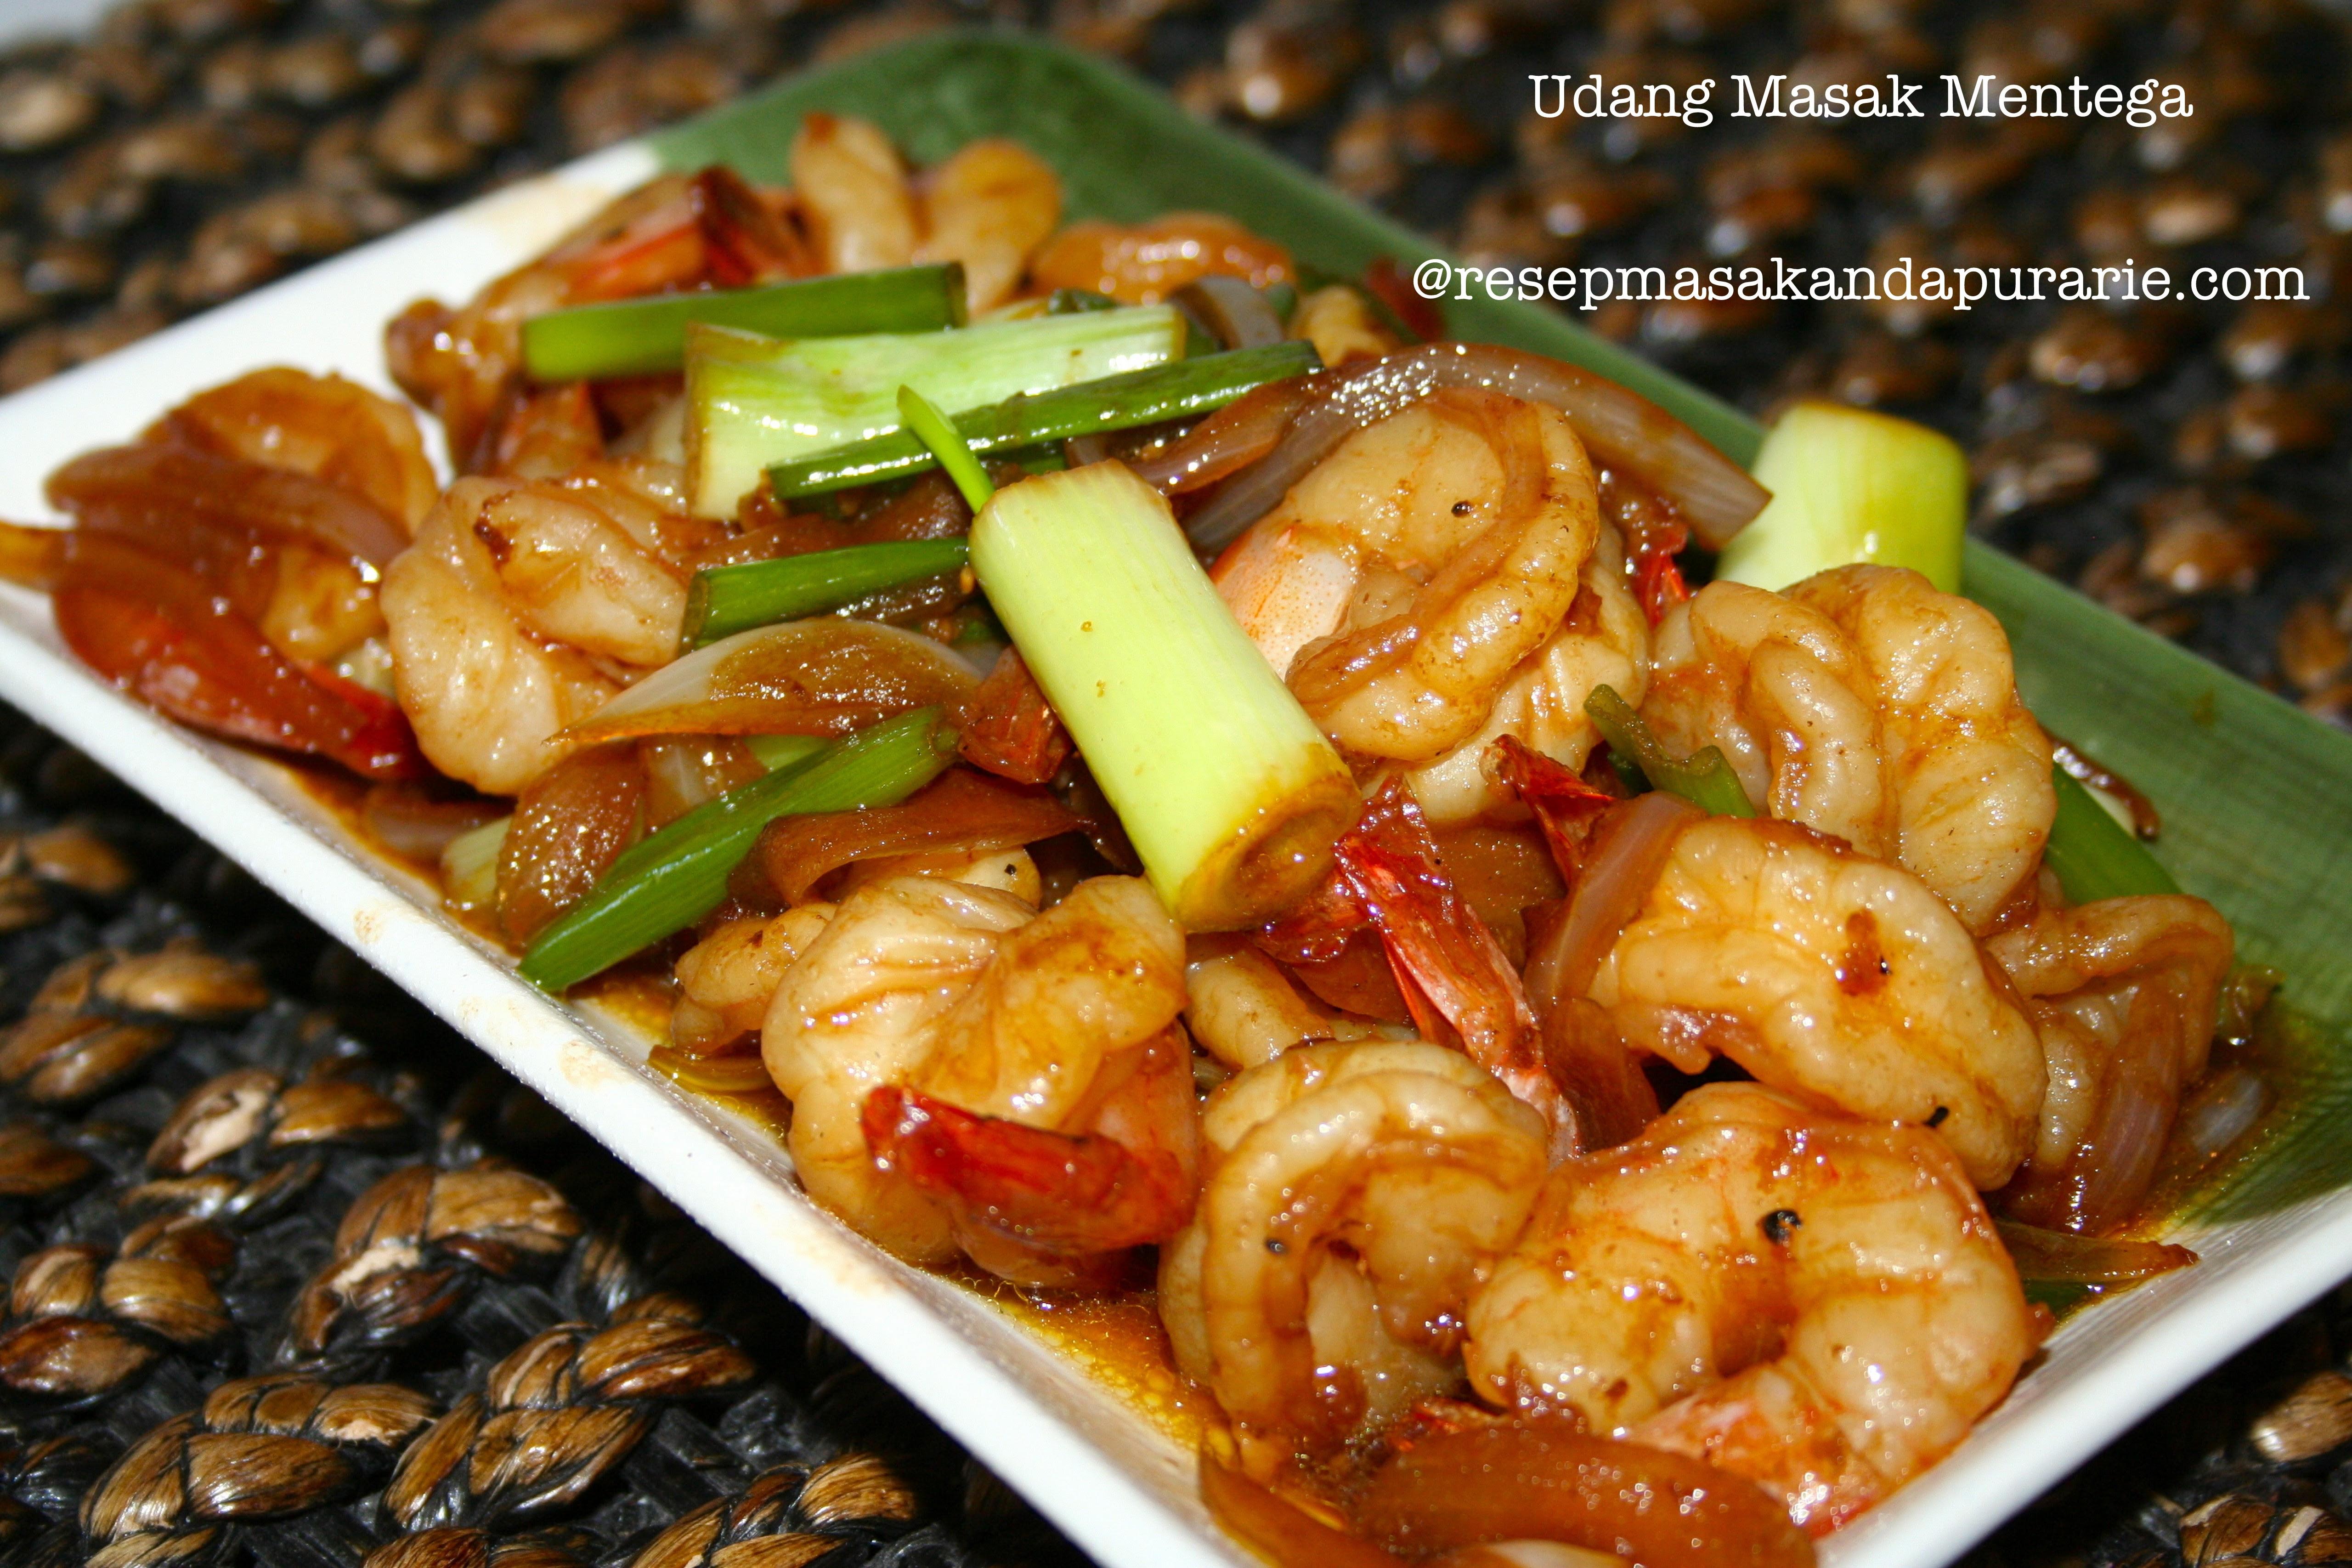 resep nasi goreng vegetarian  bawang persoalan Resepi Nasi Goreng Tanpa Bawang Merah Enak dan Mudah